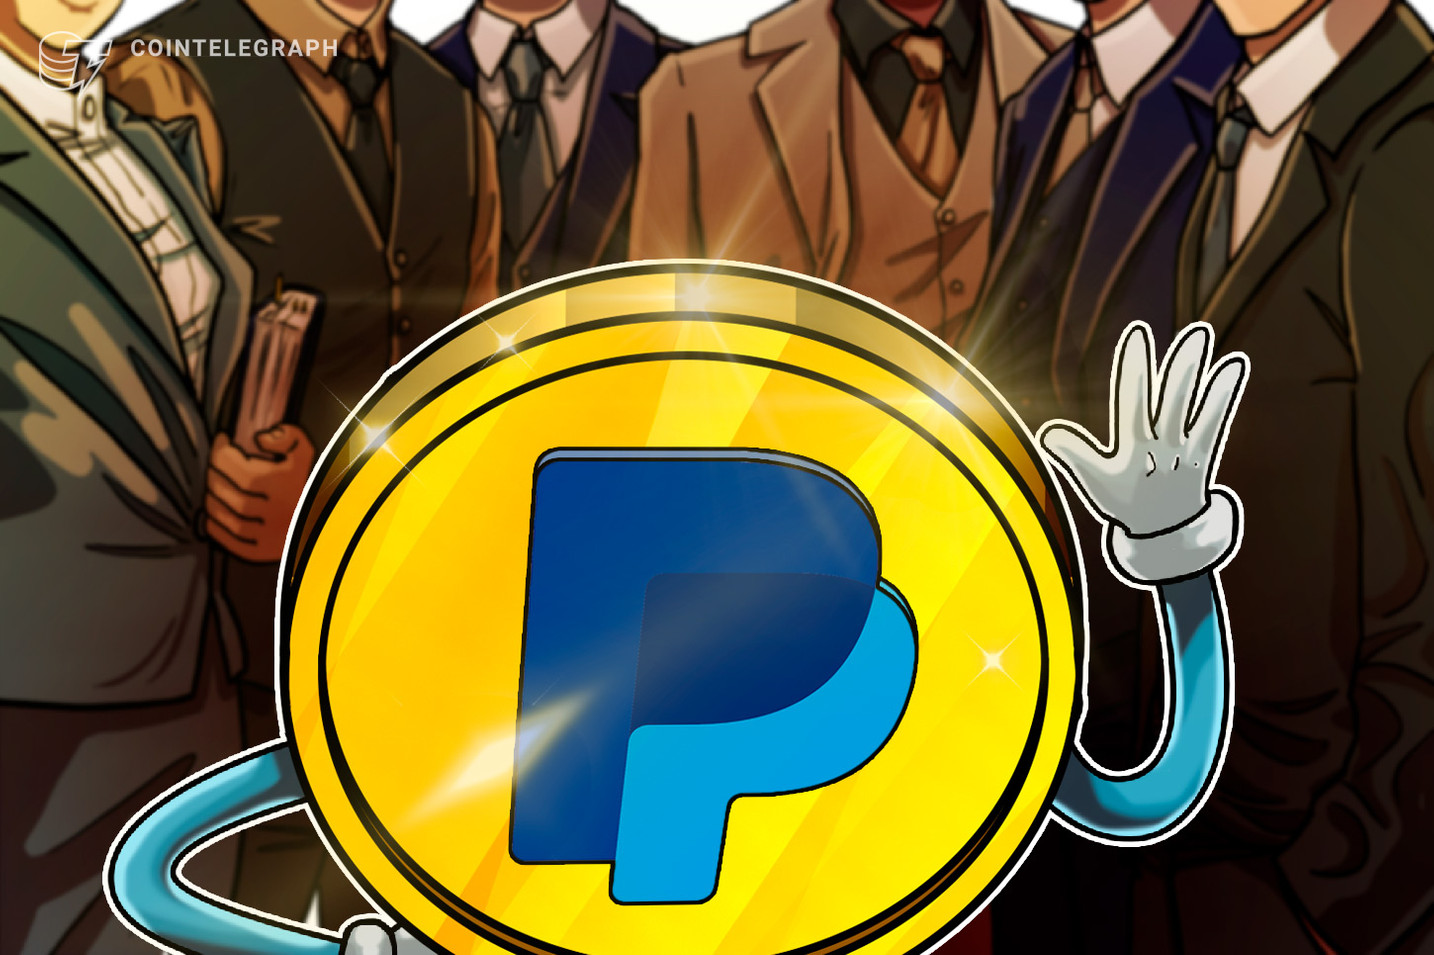 El CEO de PayPal le pide a la criptoindustria que colabore con los reguladores